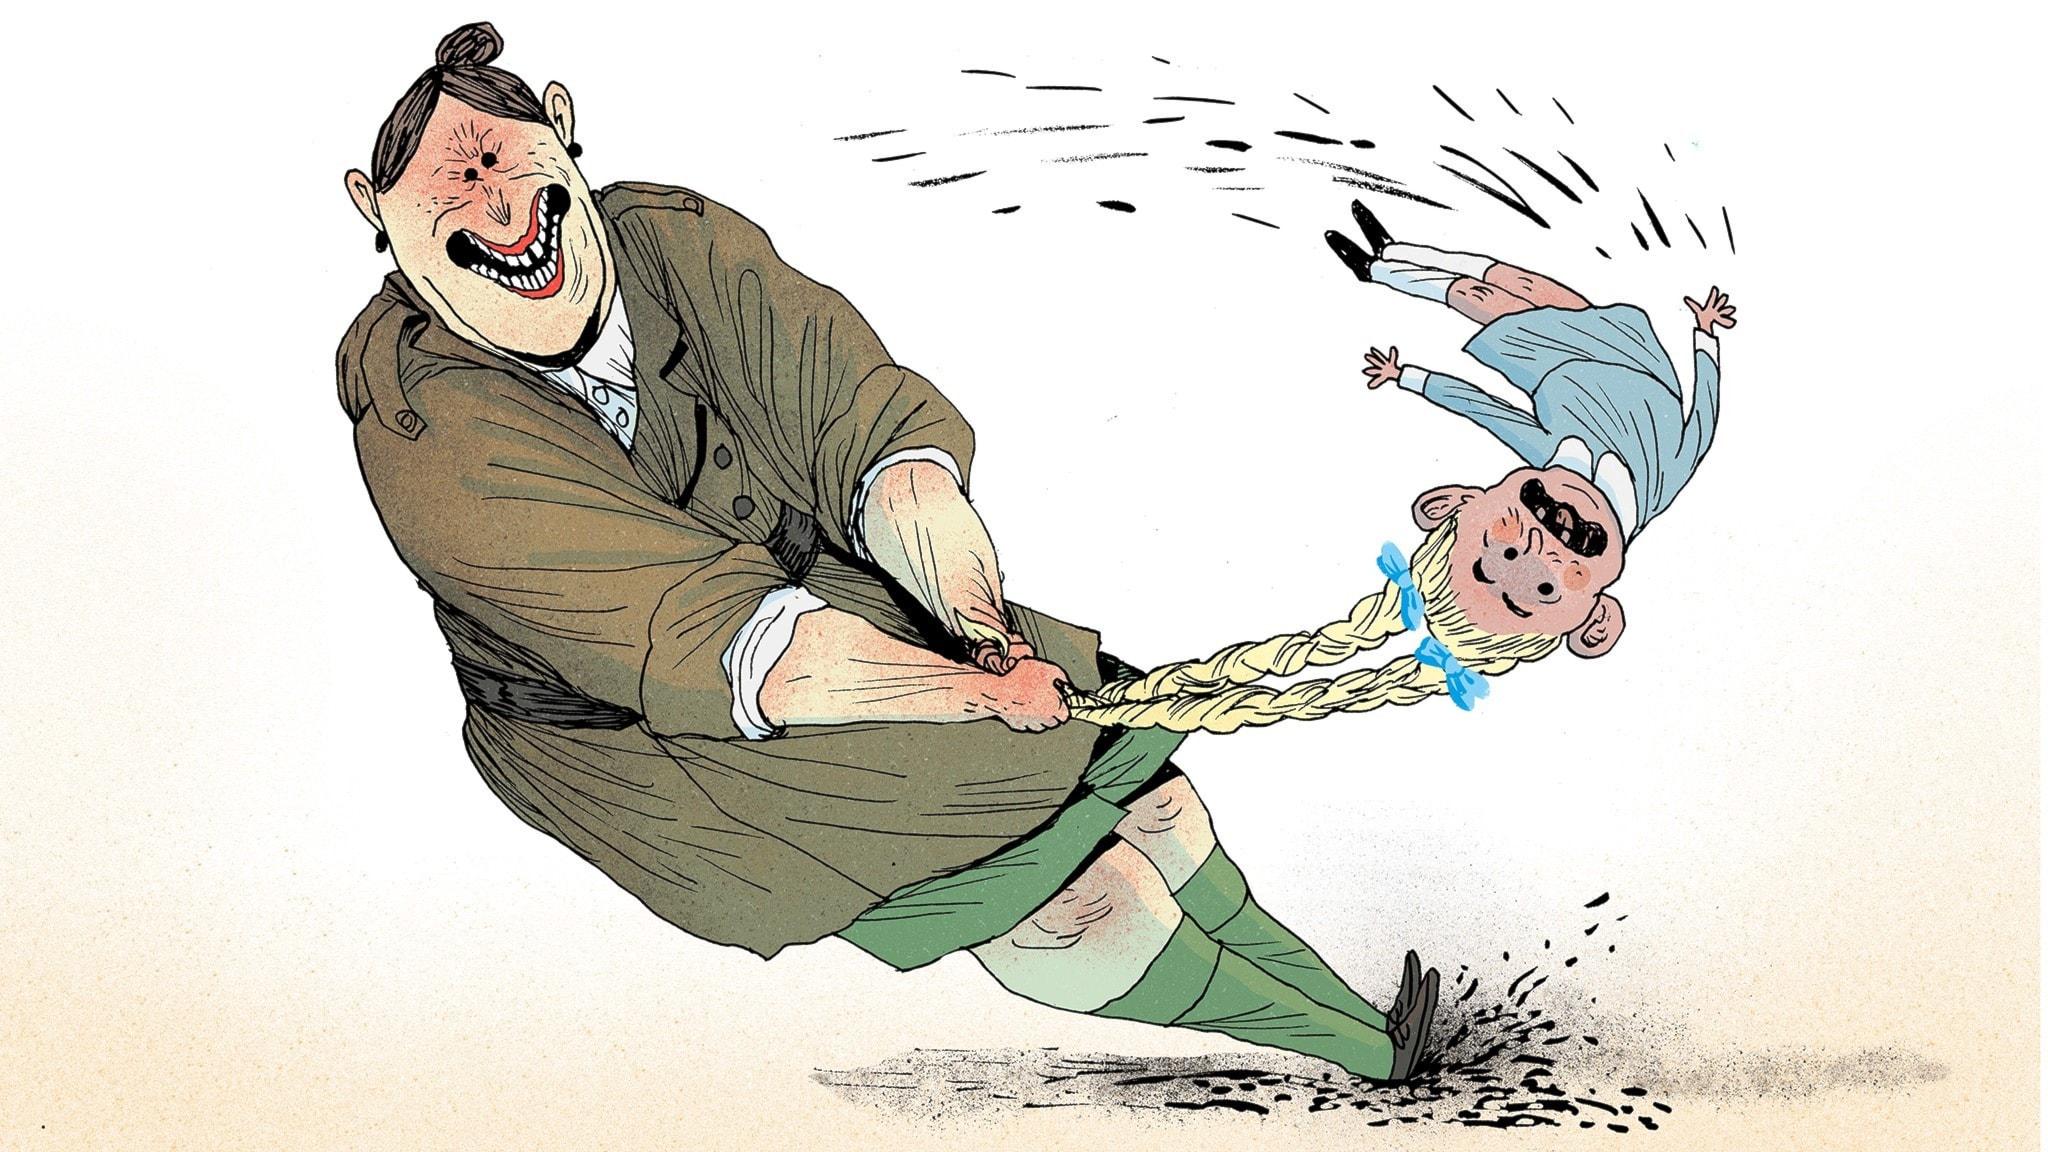 Fröken Domderasson kastar slägga med en liten flicka som har långa ljusa flätor. Hon håller flickan i håret och svänger henne runt, runt. Bild: Erik Svetoft